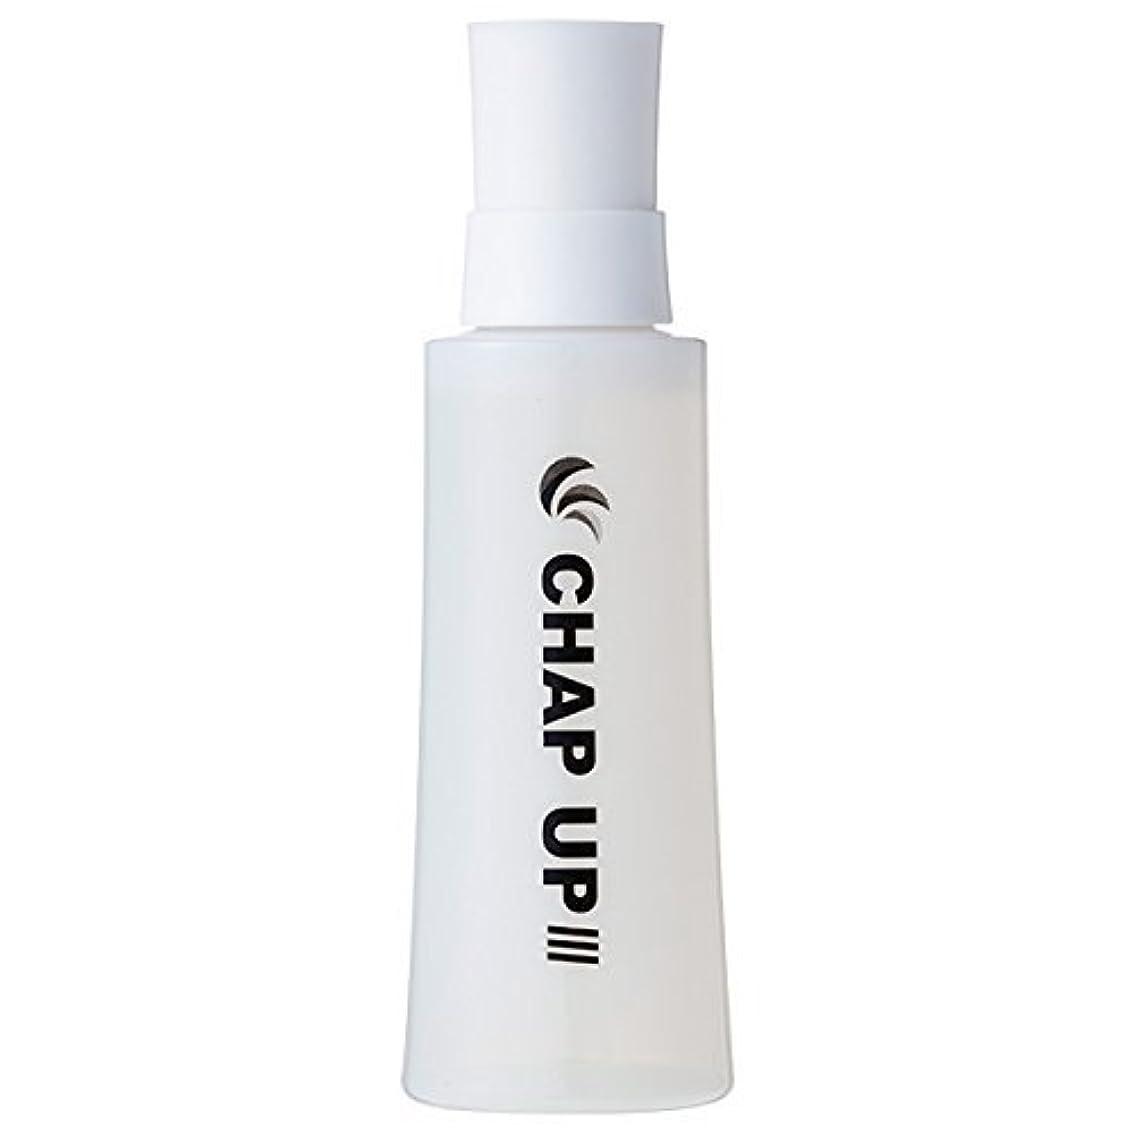 【医薬部外品】育毛剤チャップアップ(CHAPUP)(返金保証シール付_育毛ローション)お試し1本